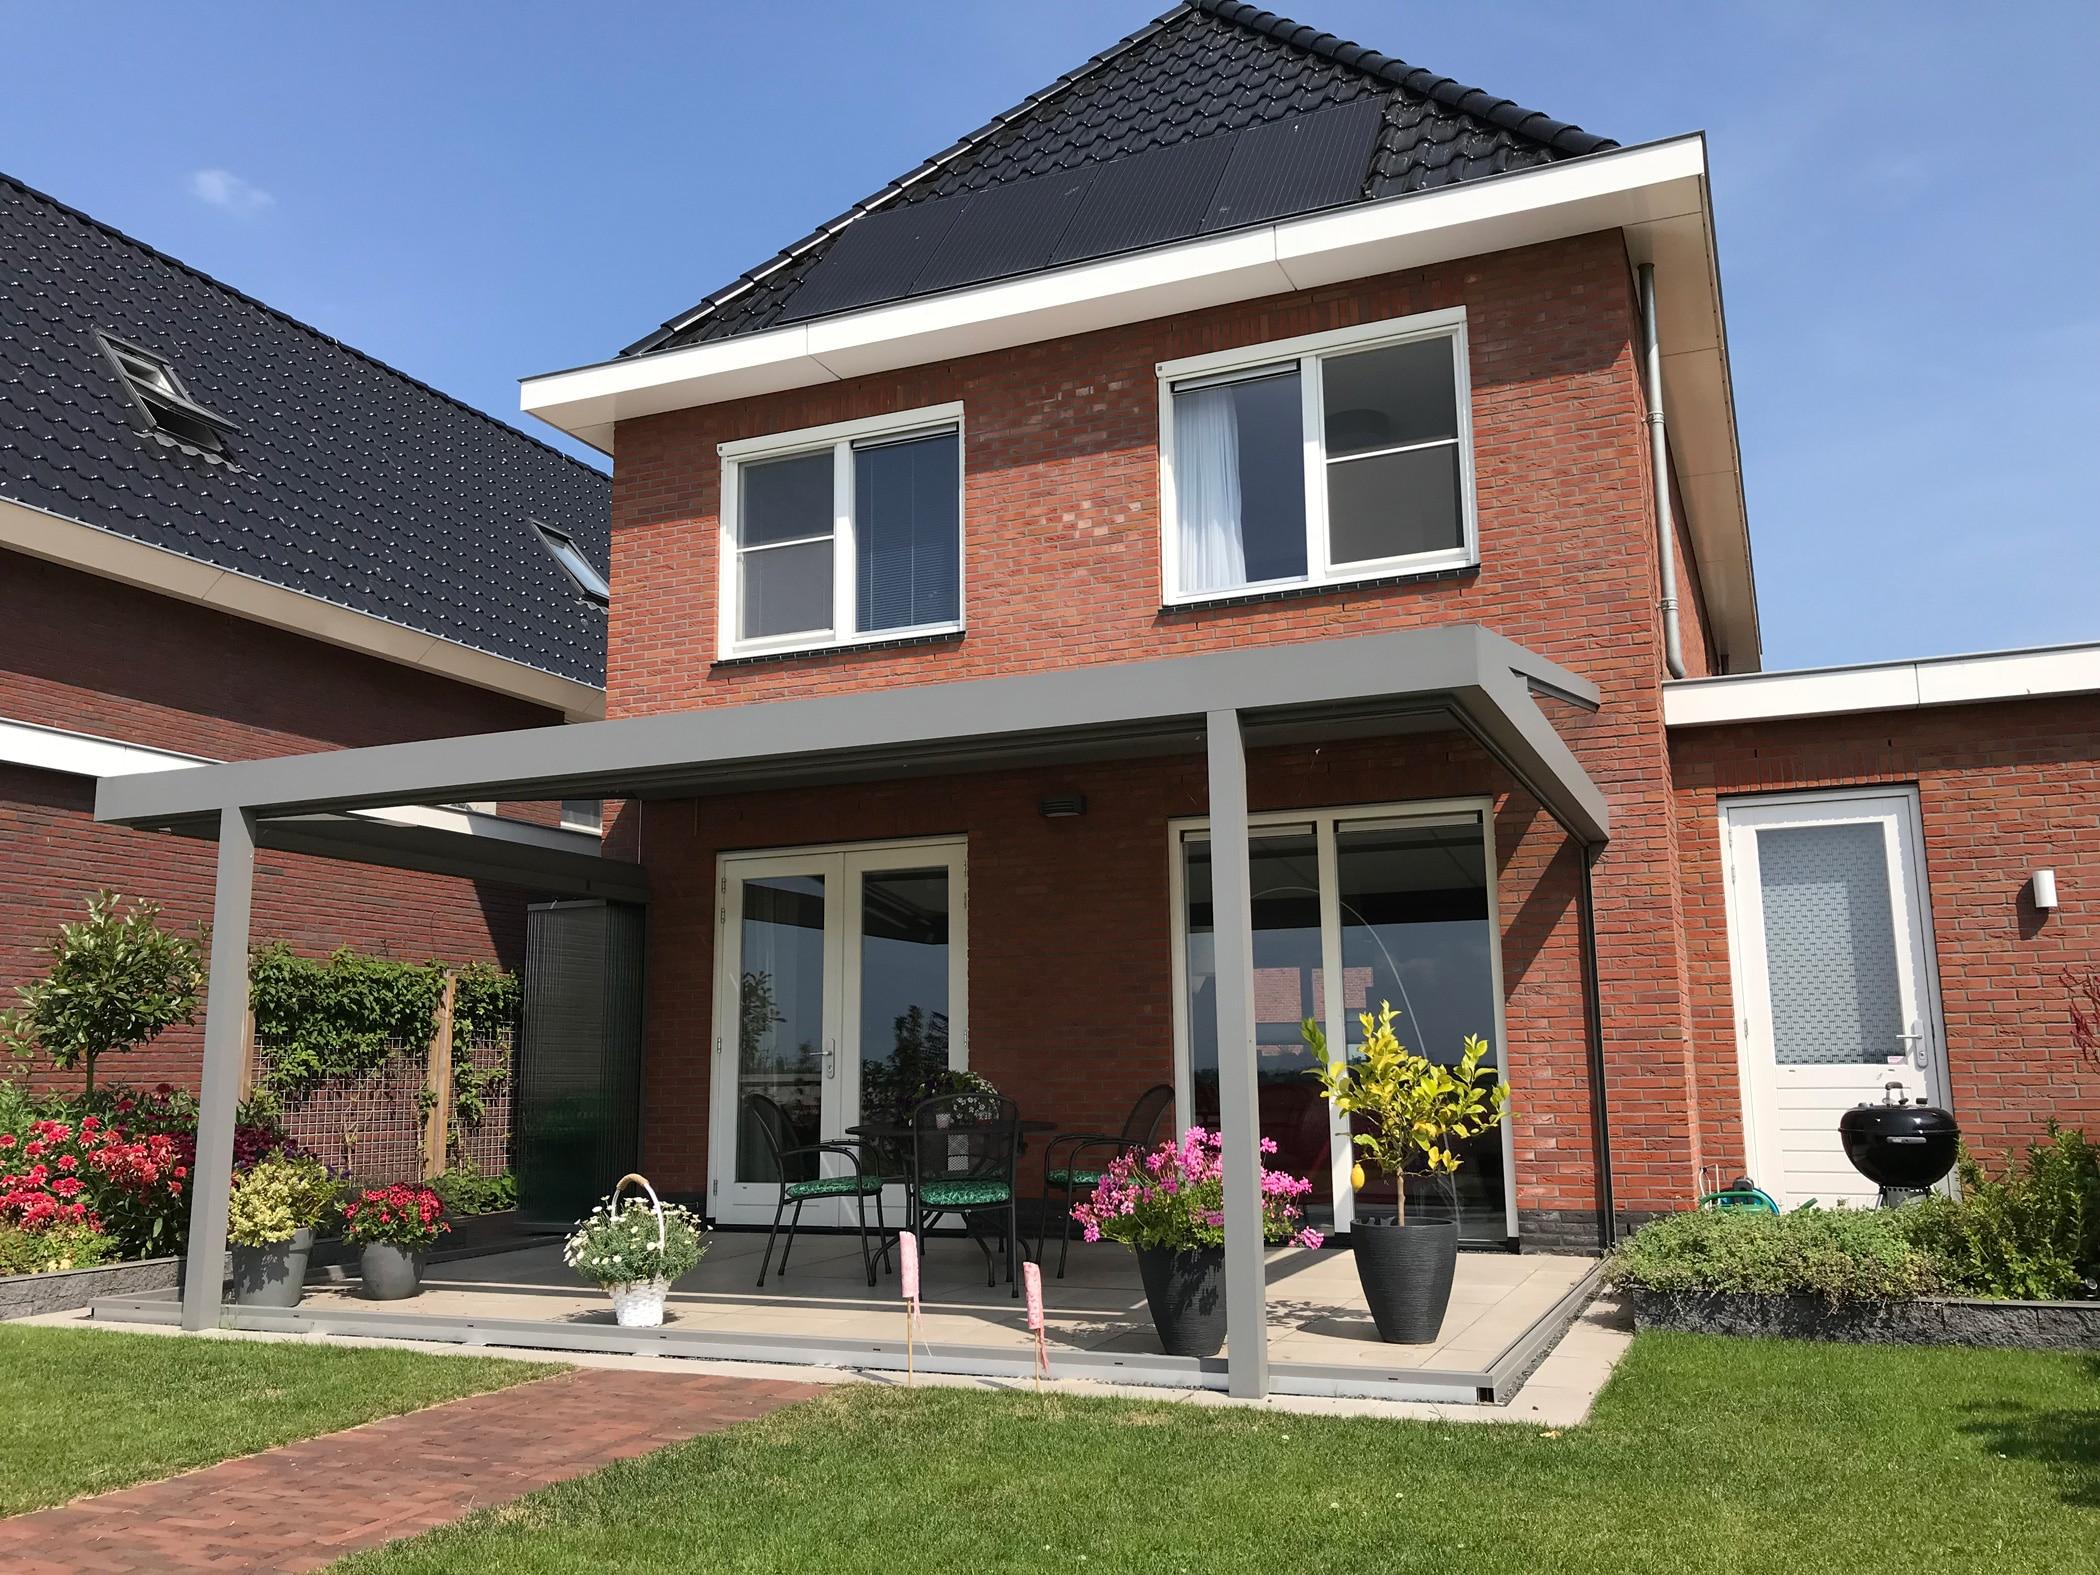 Terrassenüberdachung mit Sunflex Schiebe-Dreh-Elementen verglasen